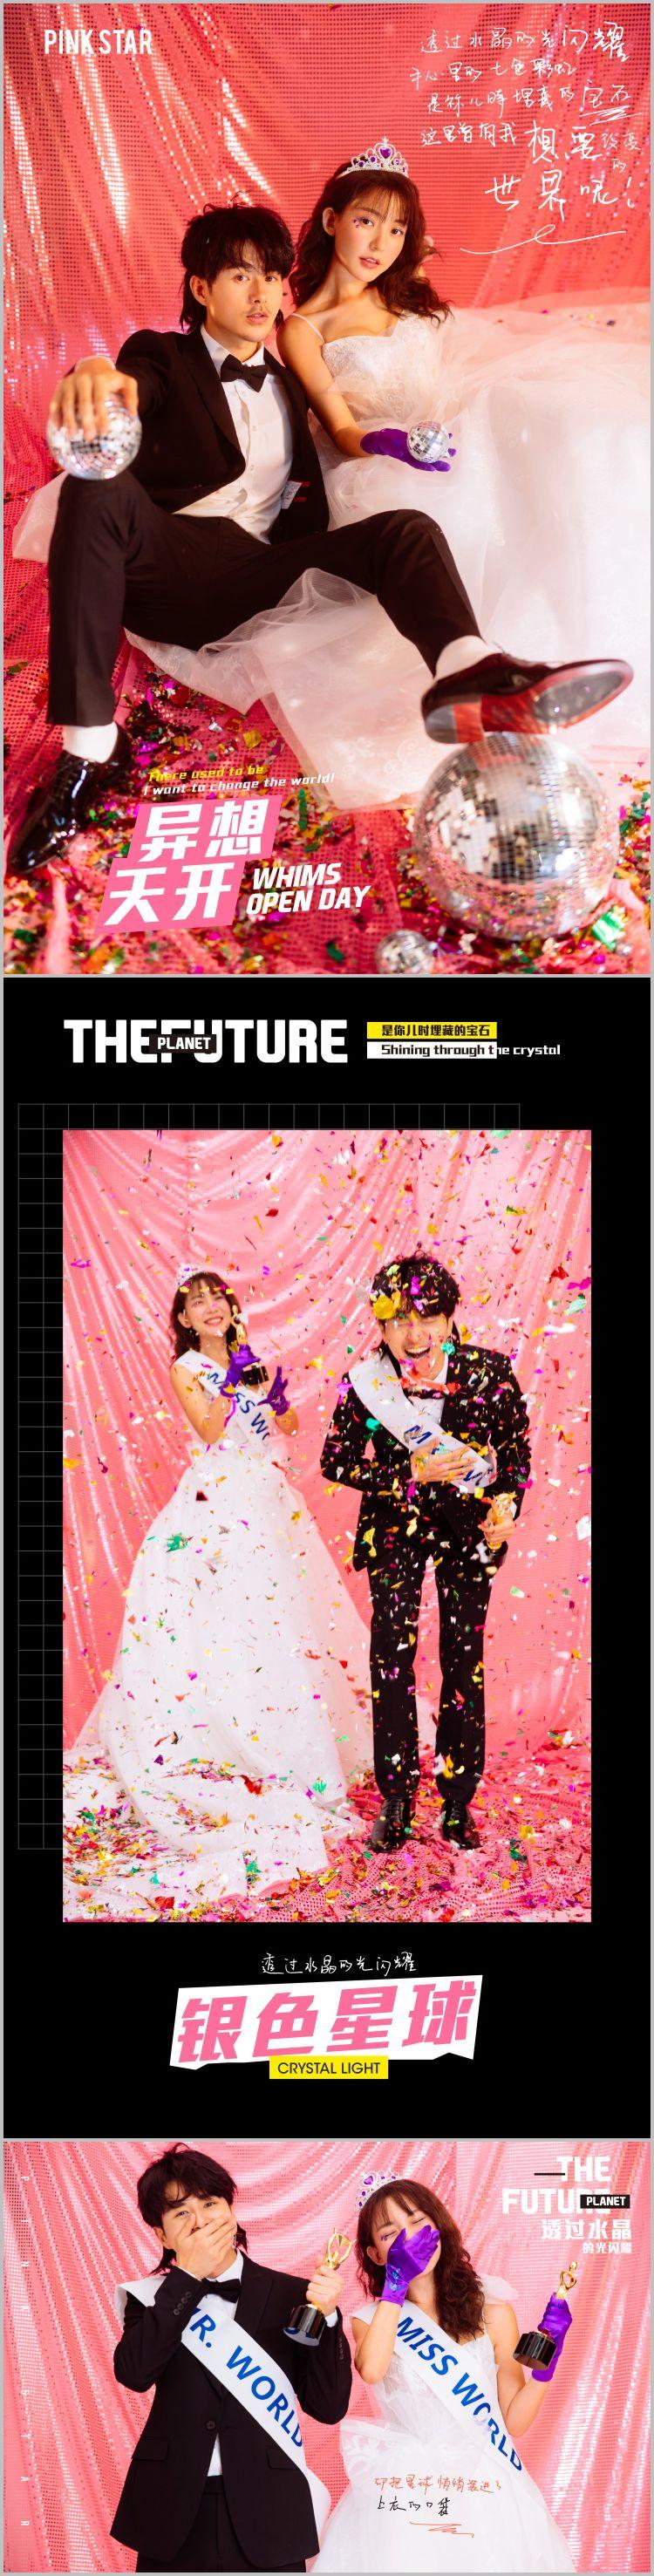 旅拍街拍婚纱情侣潮范写真PSD字体模板艺术文字素材排版设计样片